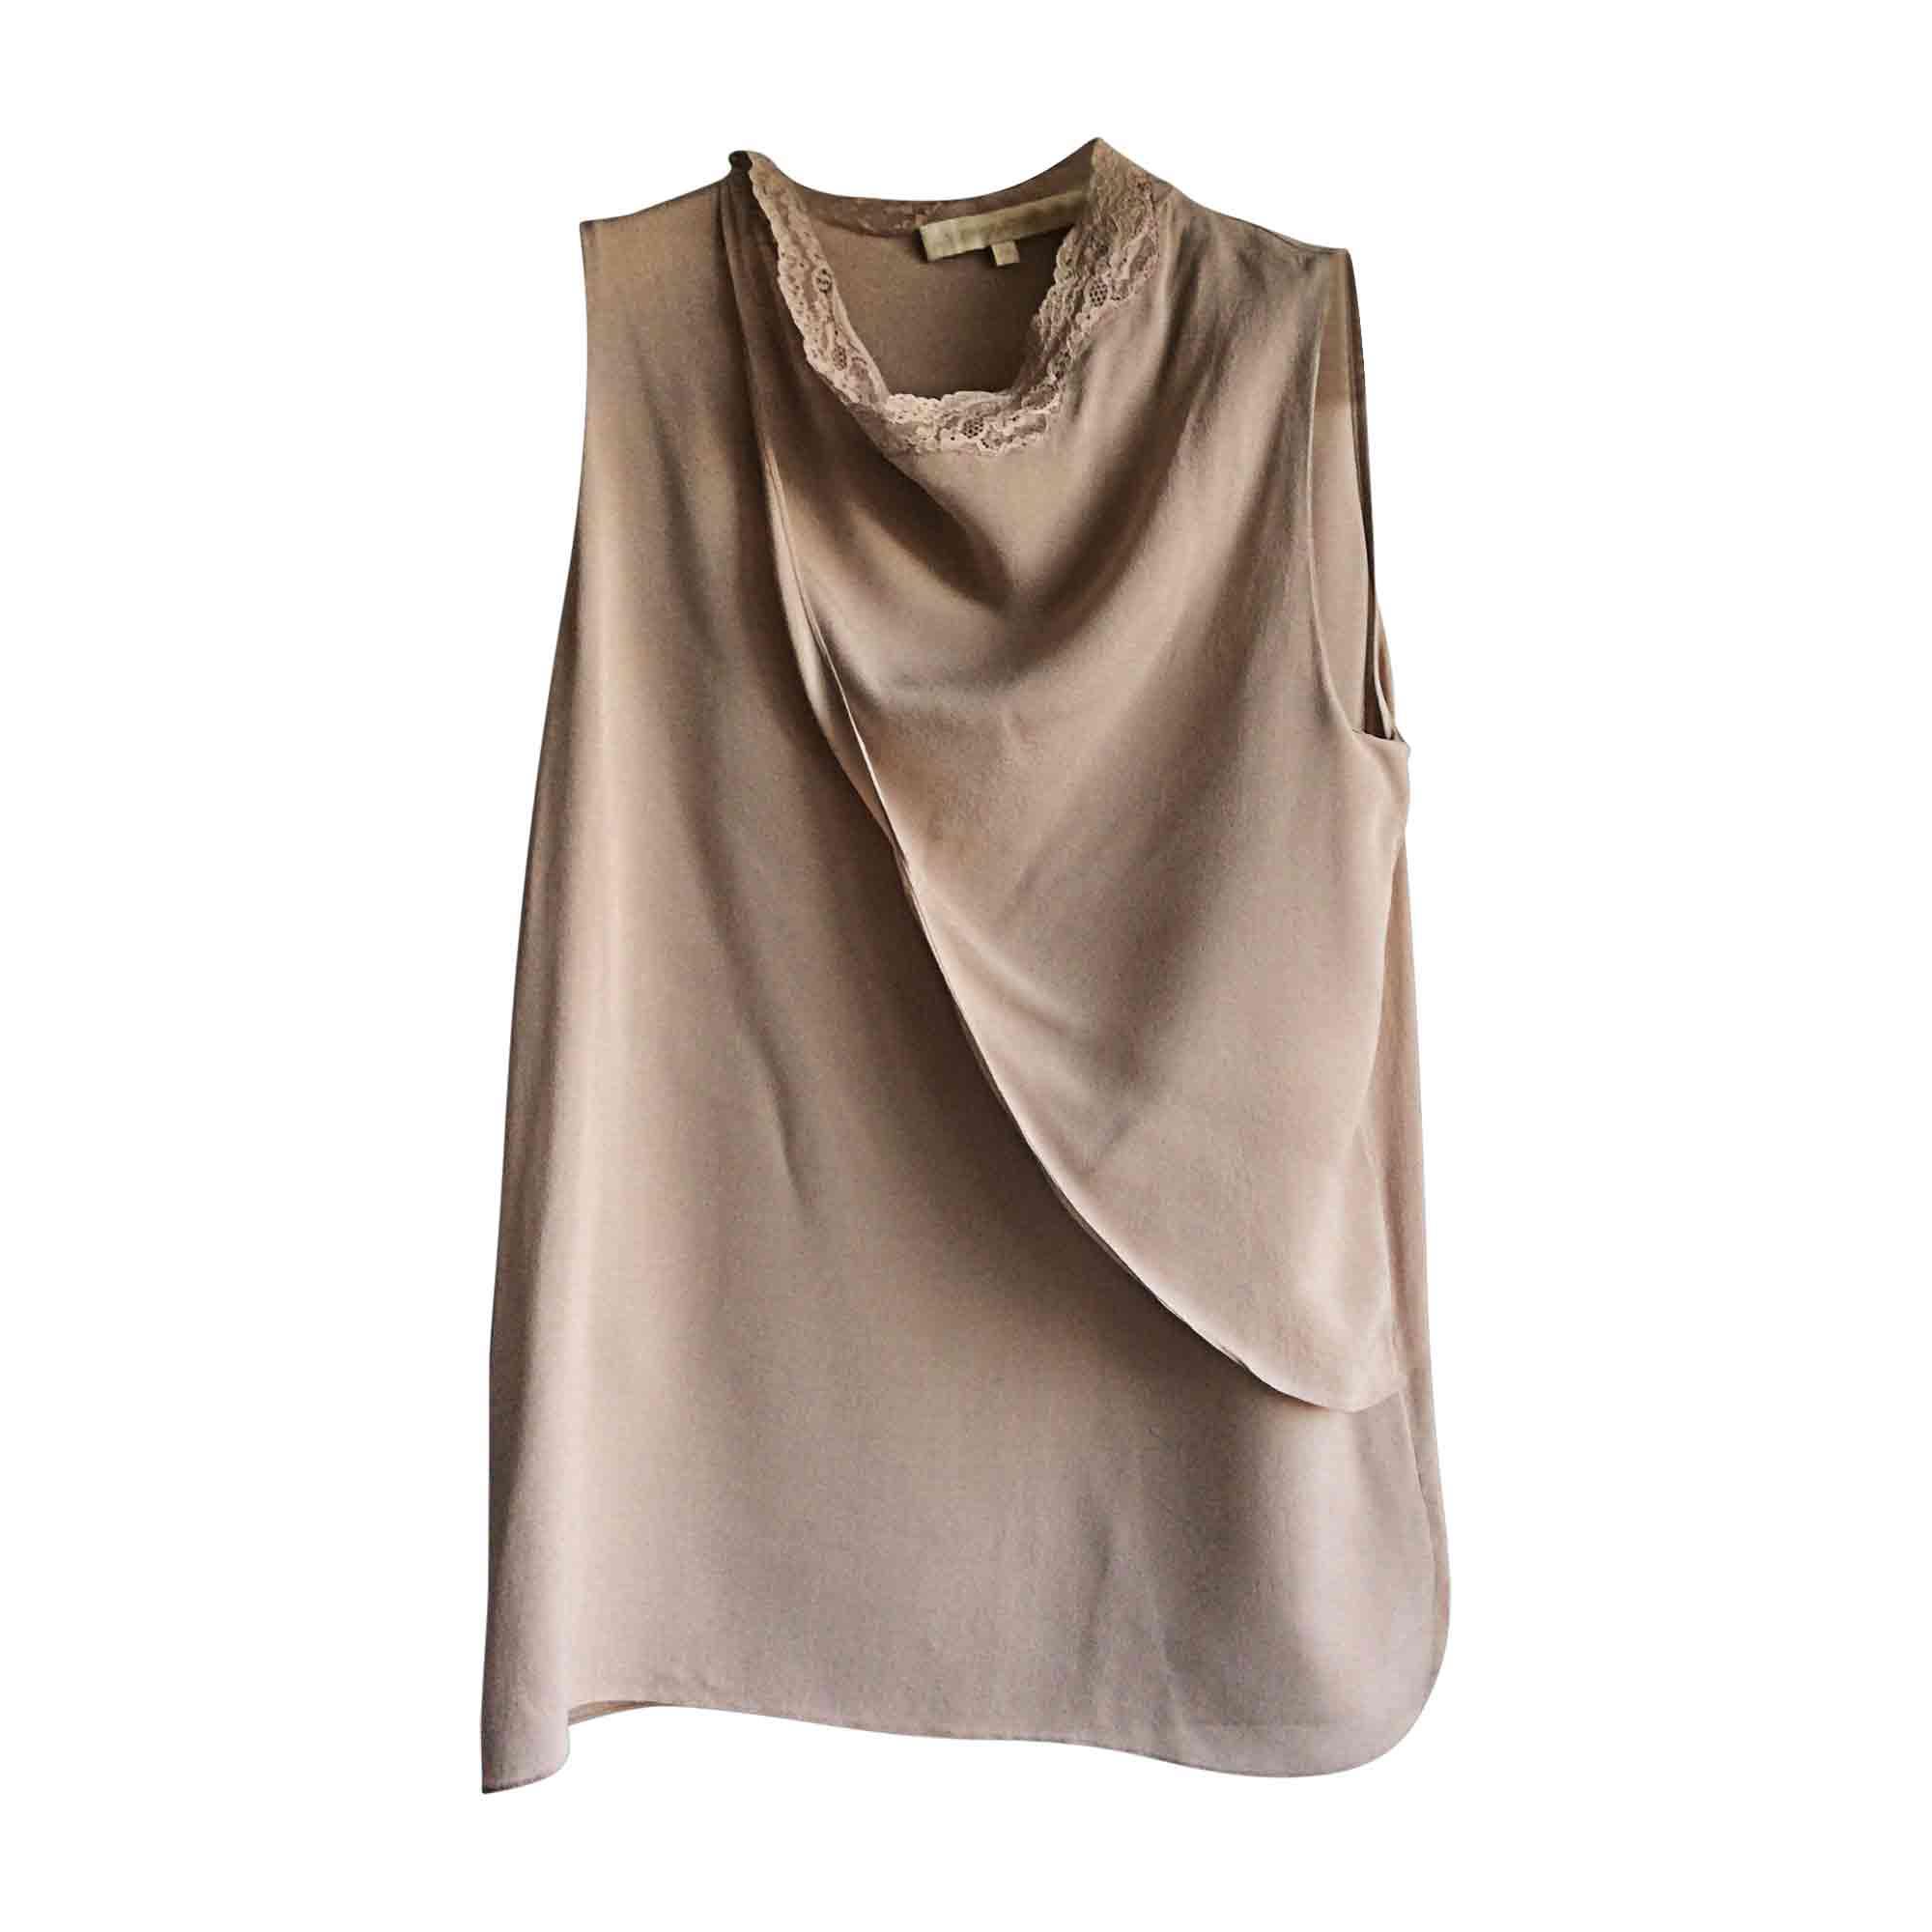 Top, tee-shirt VANESSA BRUNO Beige, camel